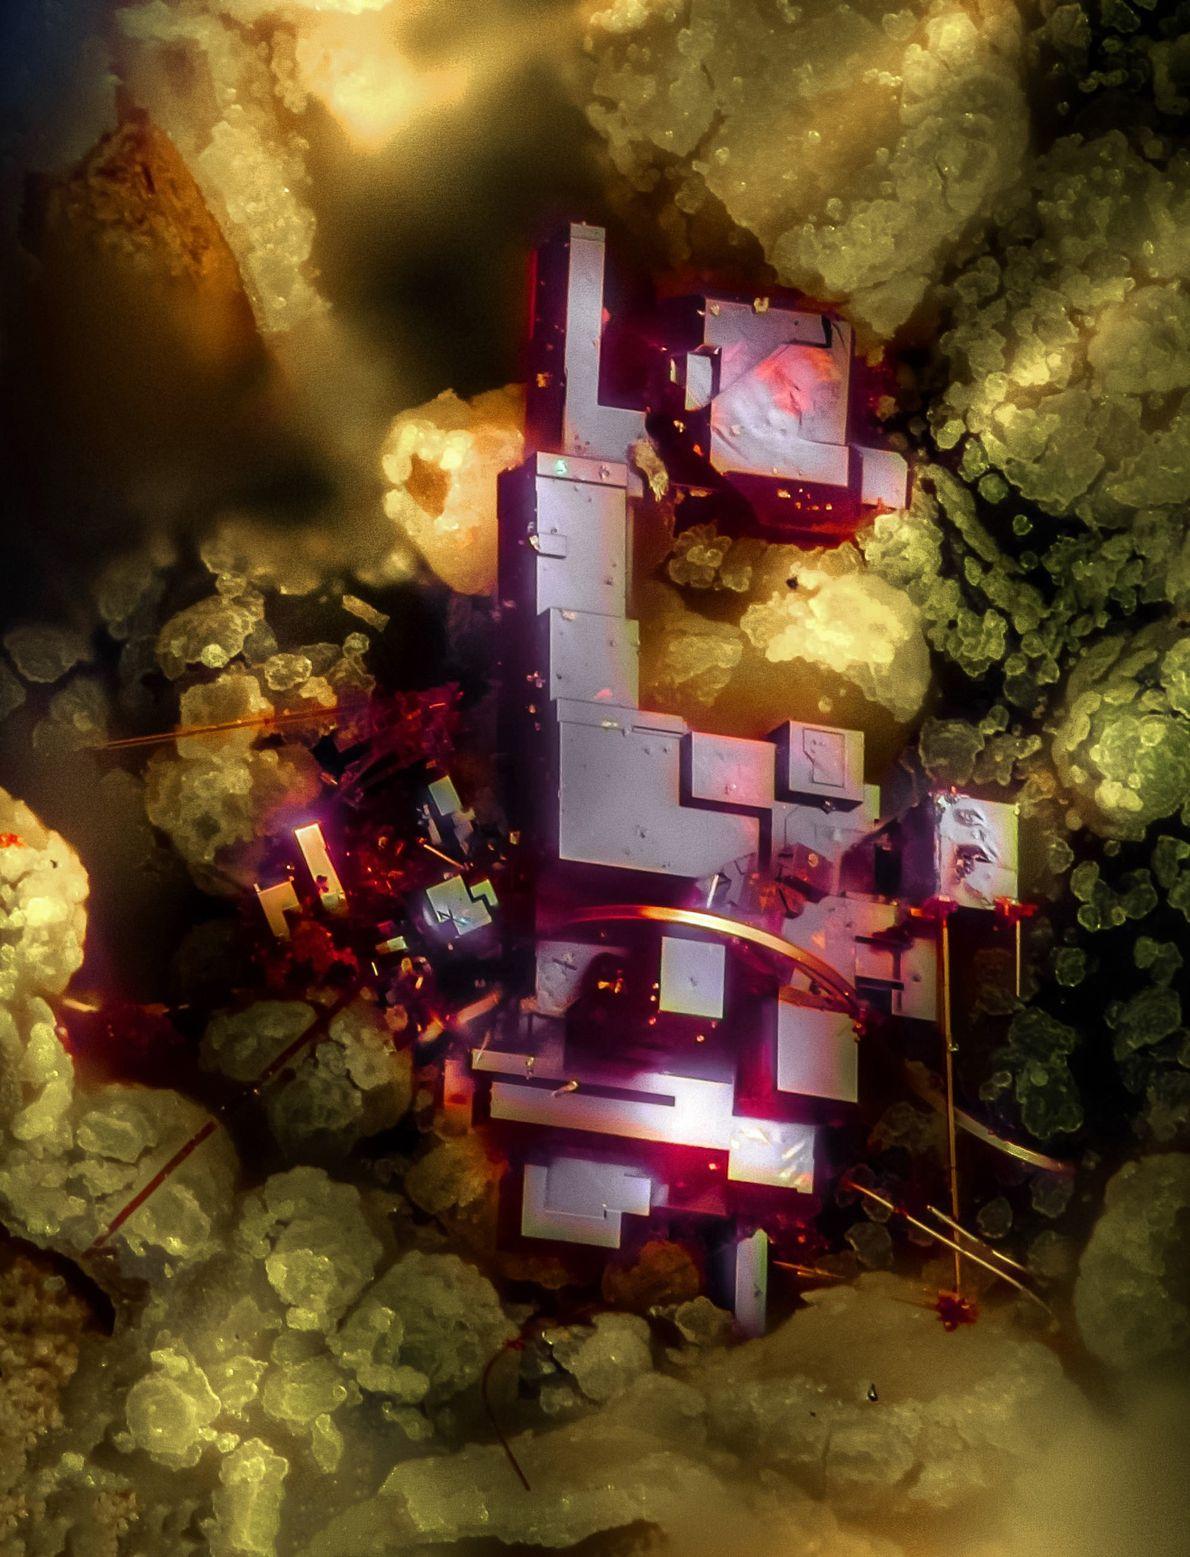 Sur cette image créée par Emilio Carabajal Márquez, le cristal rouge aux allures futuristes est de ...